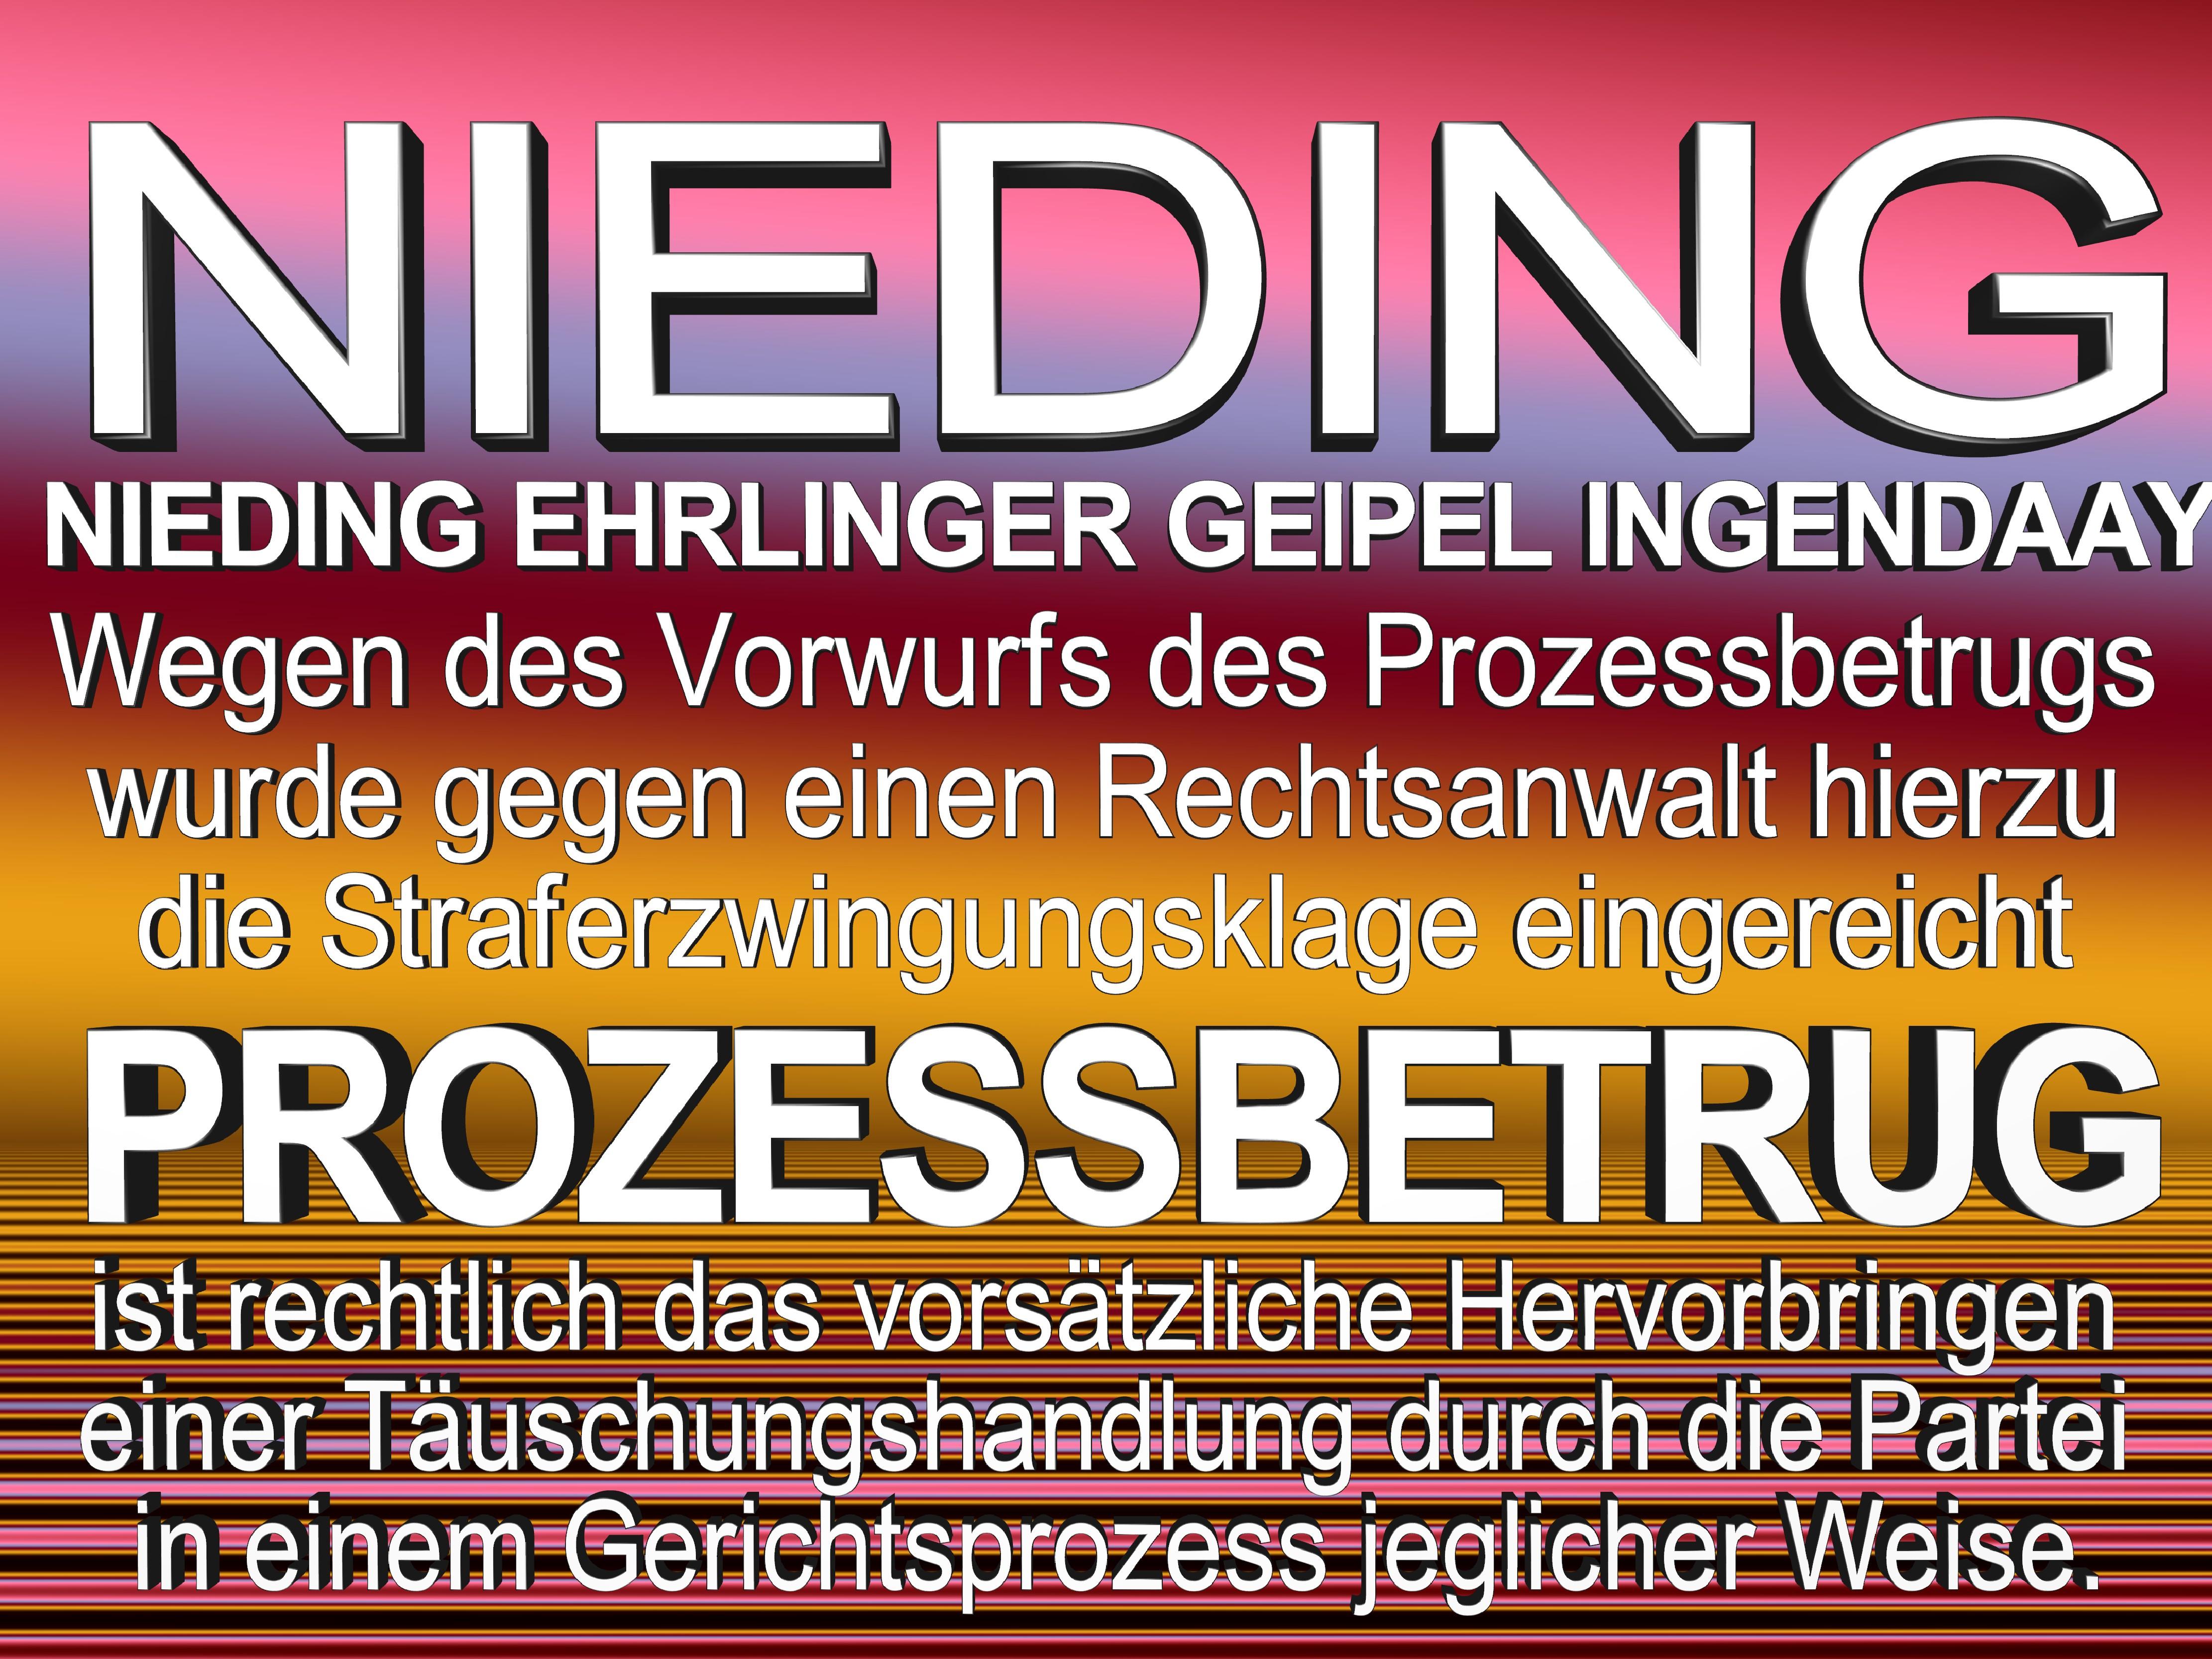 NIEDING EHRLINGER GEIPEL INGENDAAY LELKE Kurfürstendamm 66 Berlin (105)